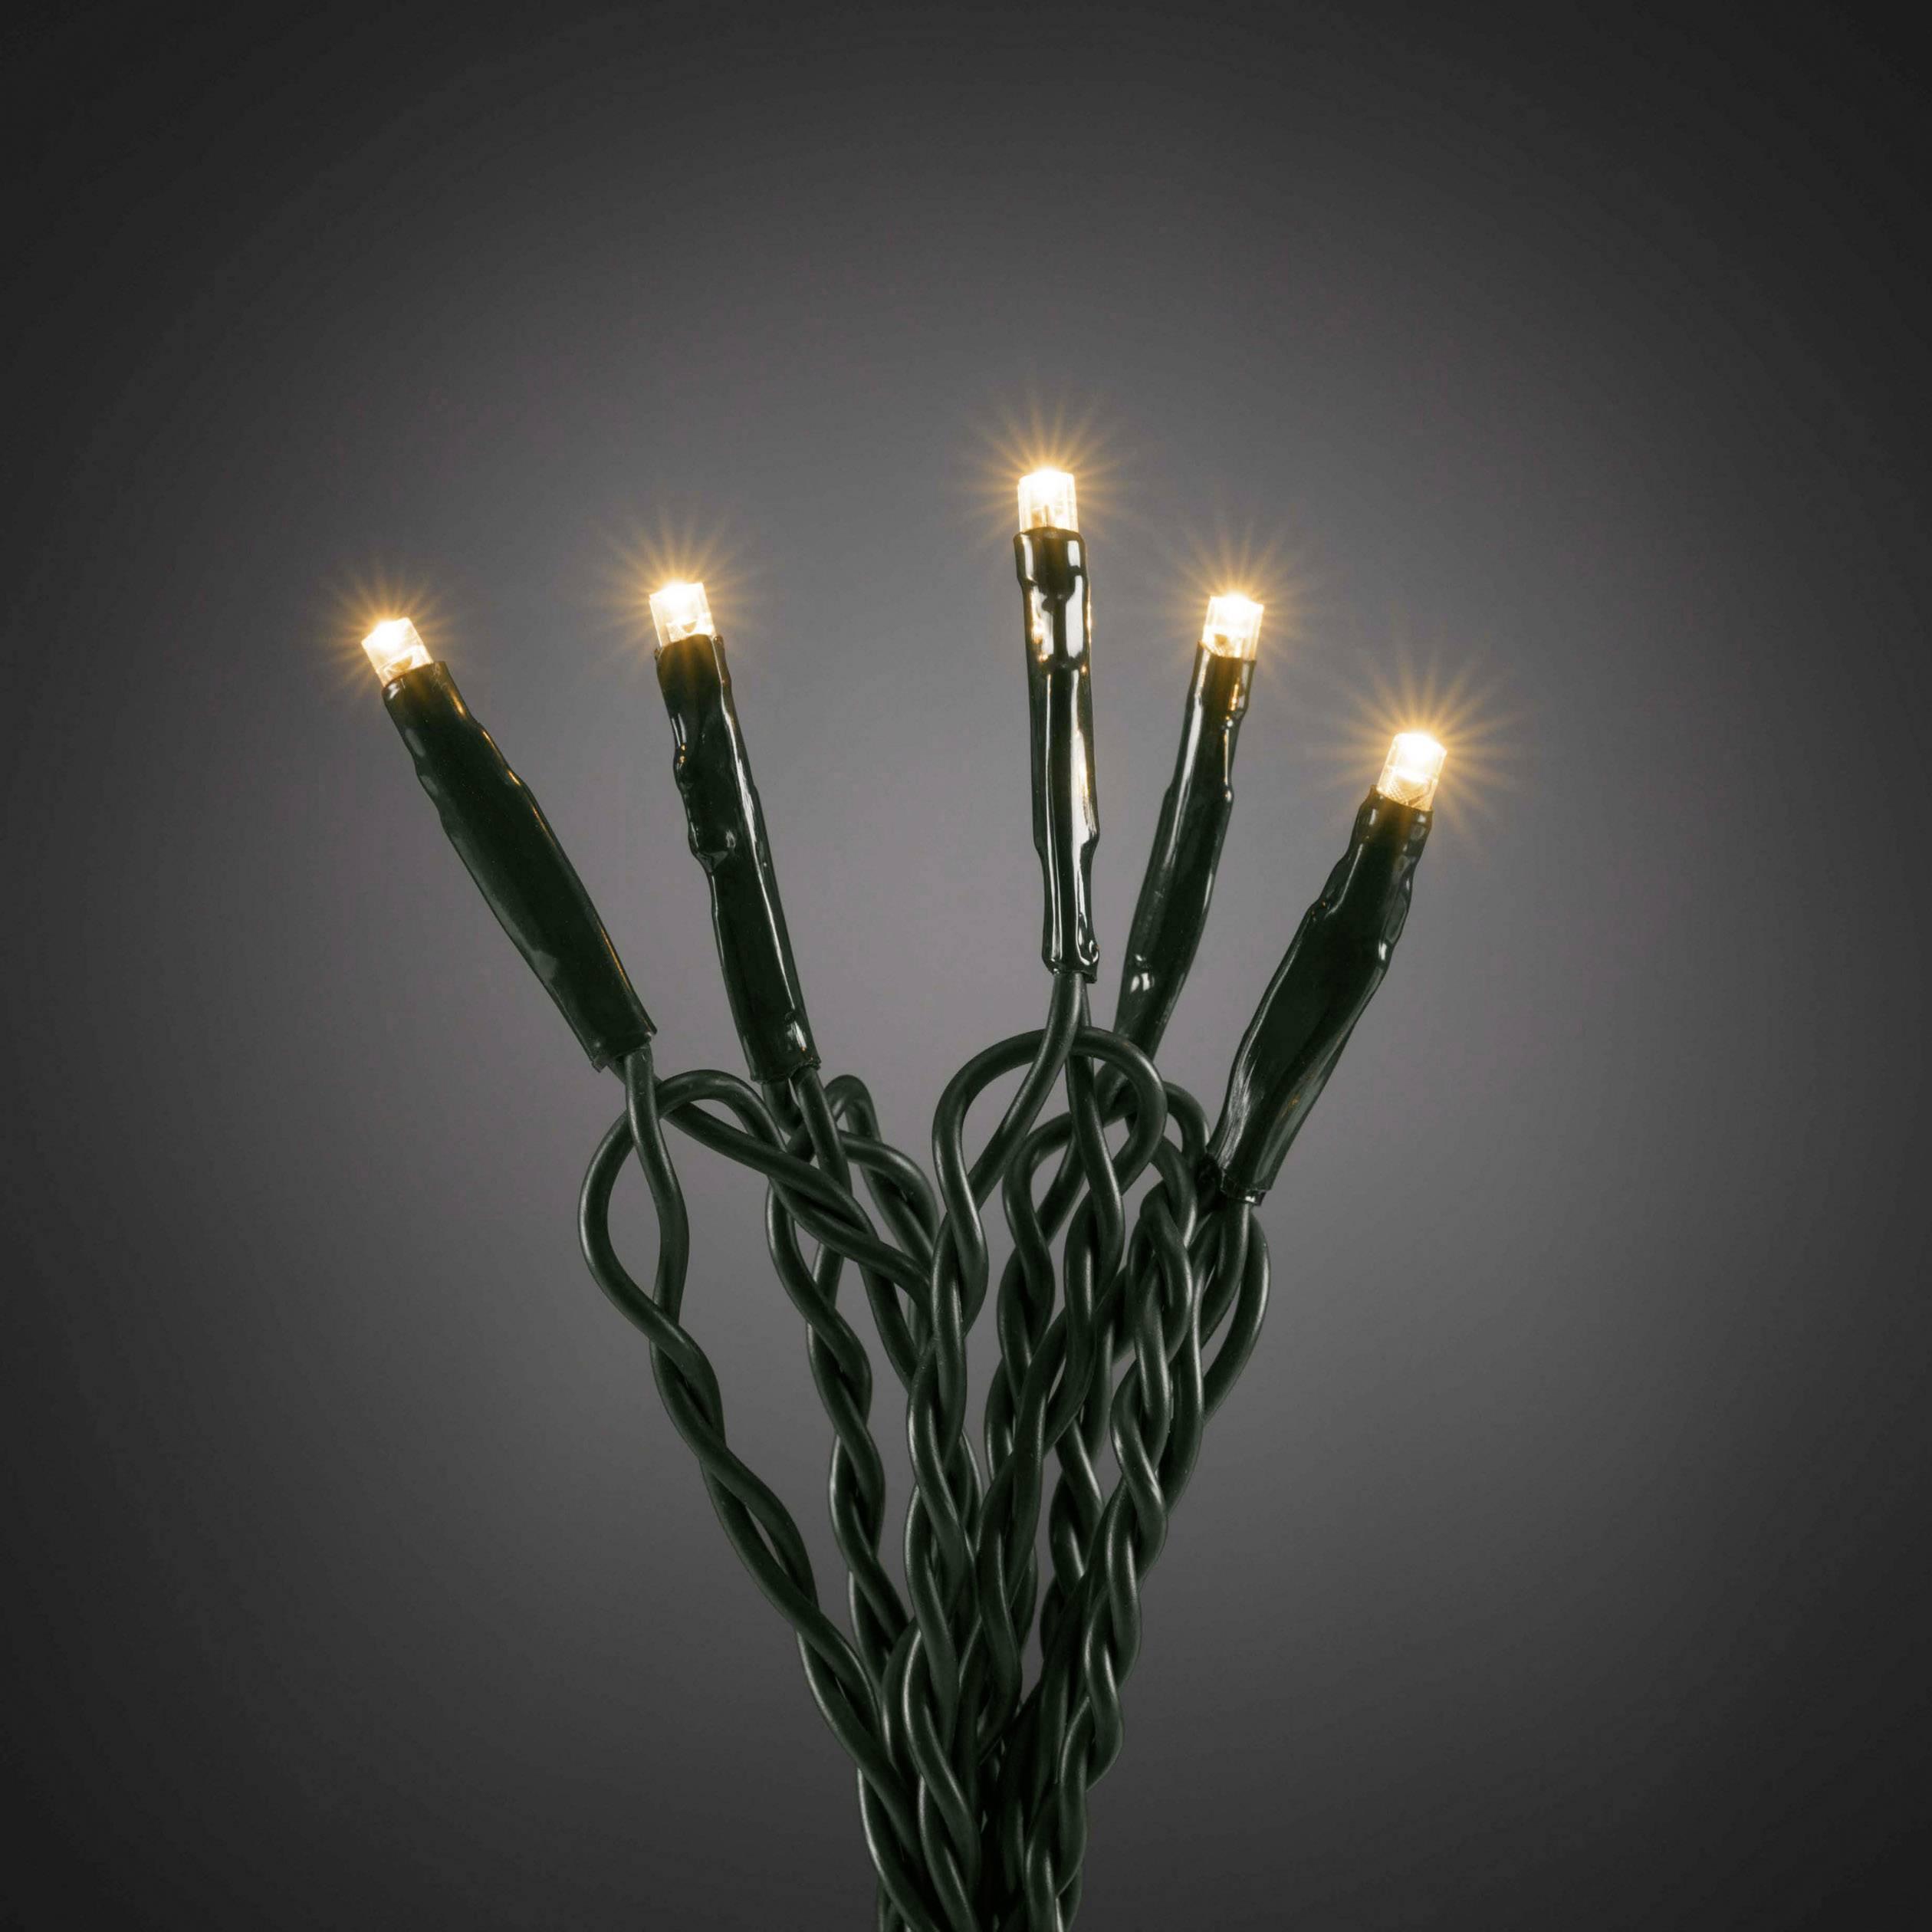 izdelek-konstsmide-6555-870-mikro-svetlobna-zavesa-z-nadzorom-preko